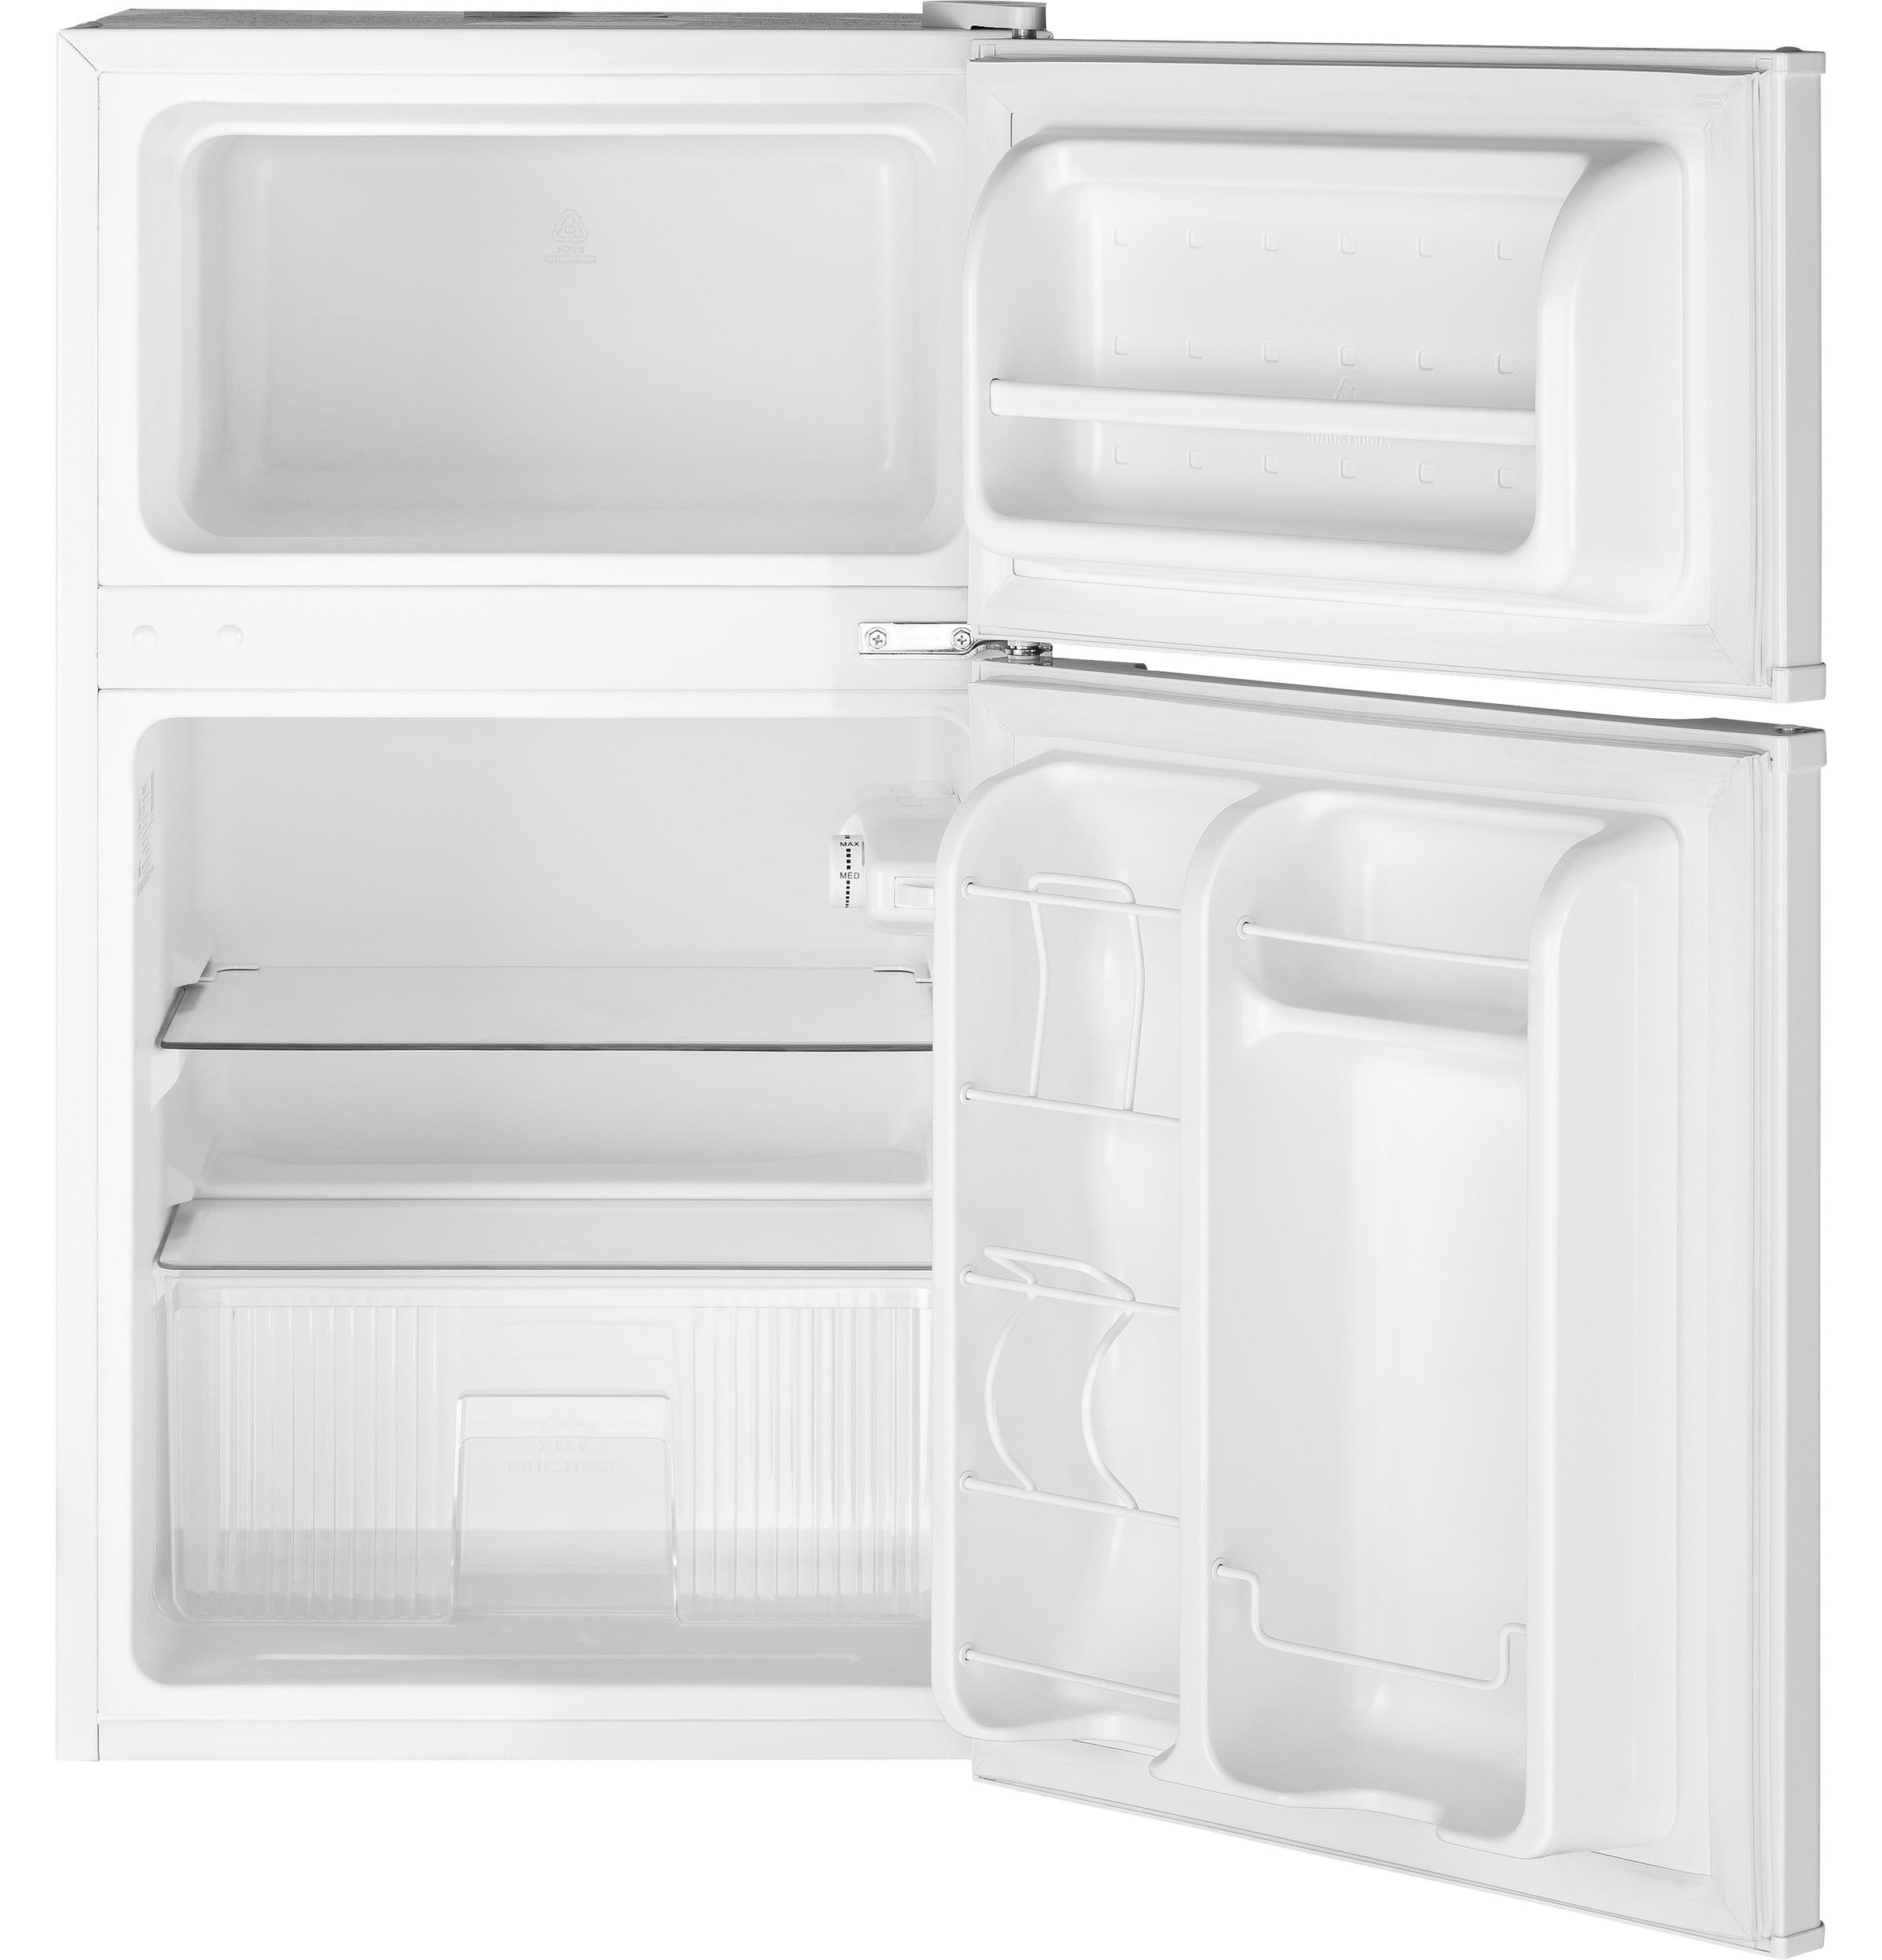 Model: GDE03GGKWW | GE GE® Double-Door Compact Refrigerator